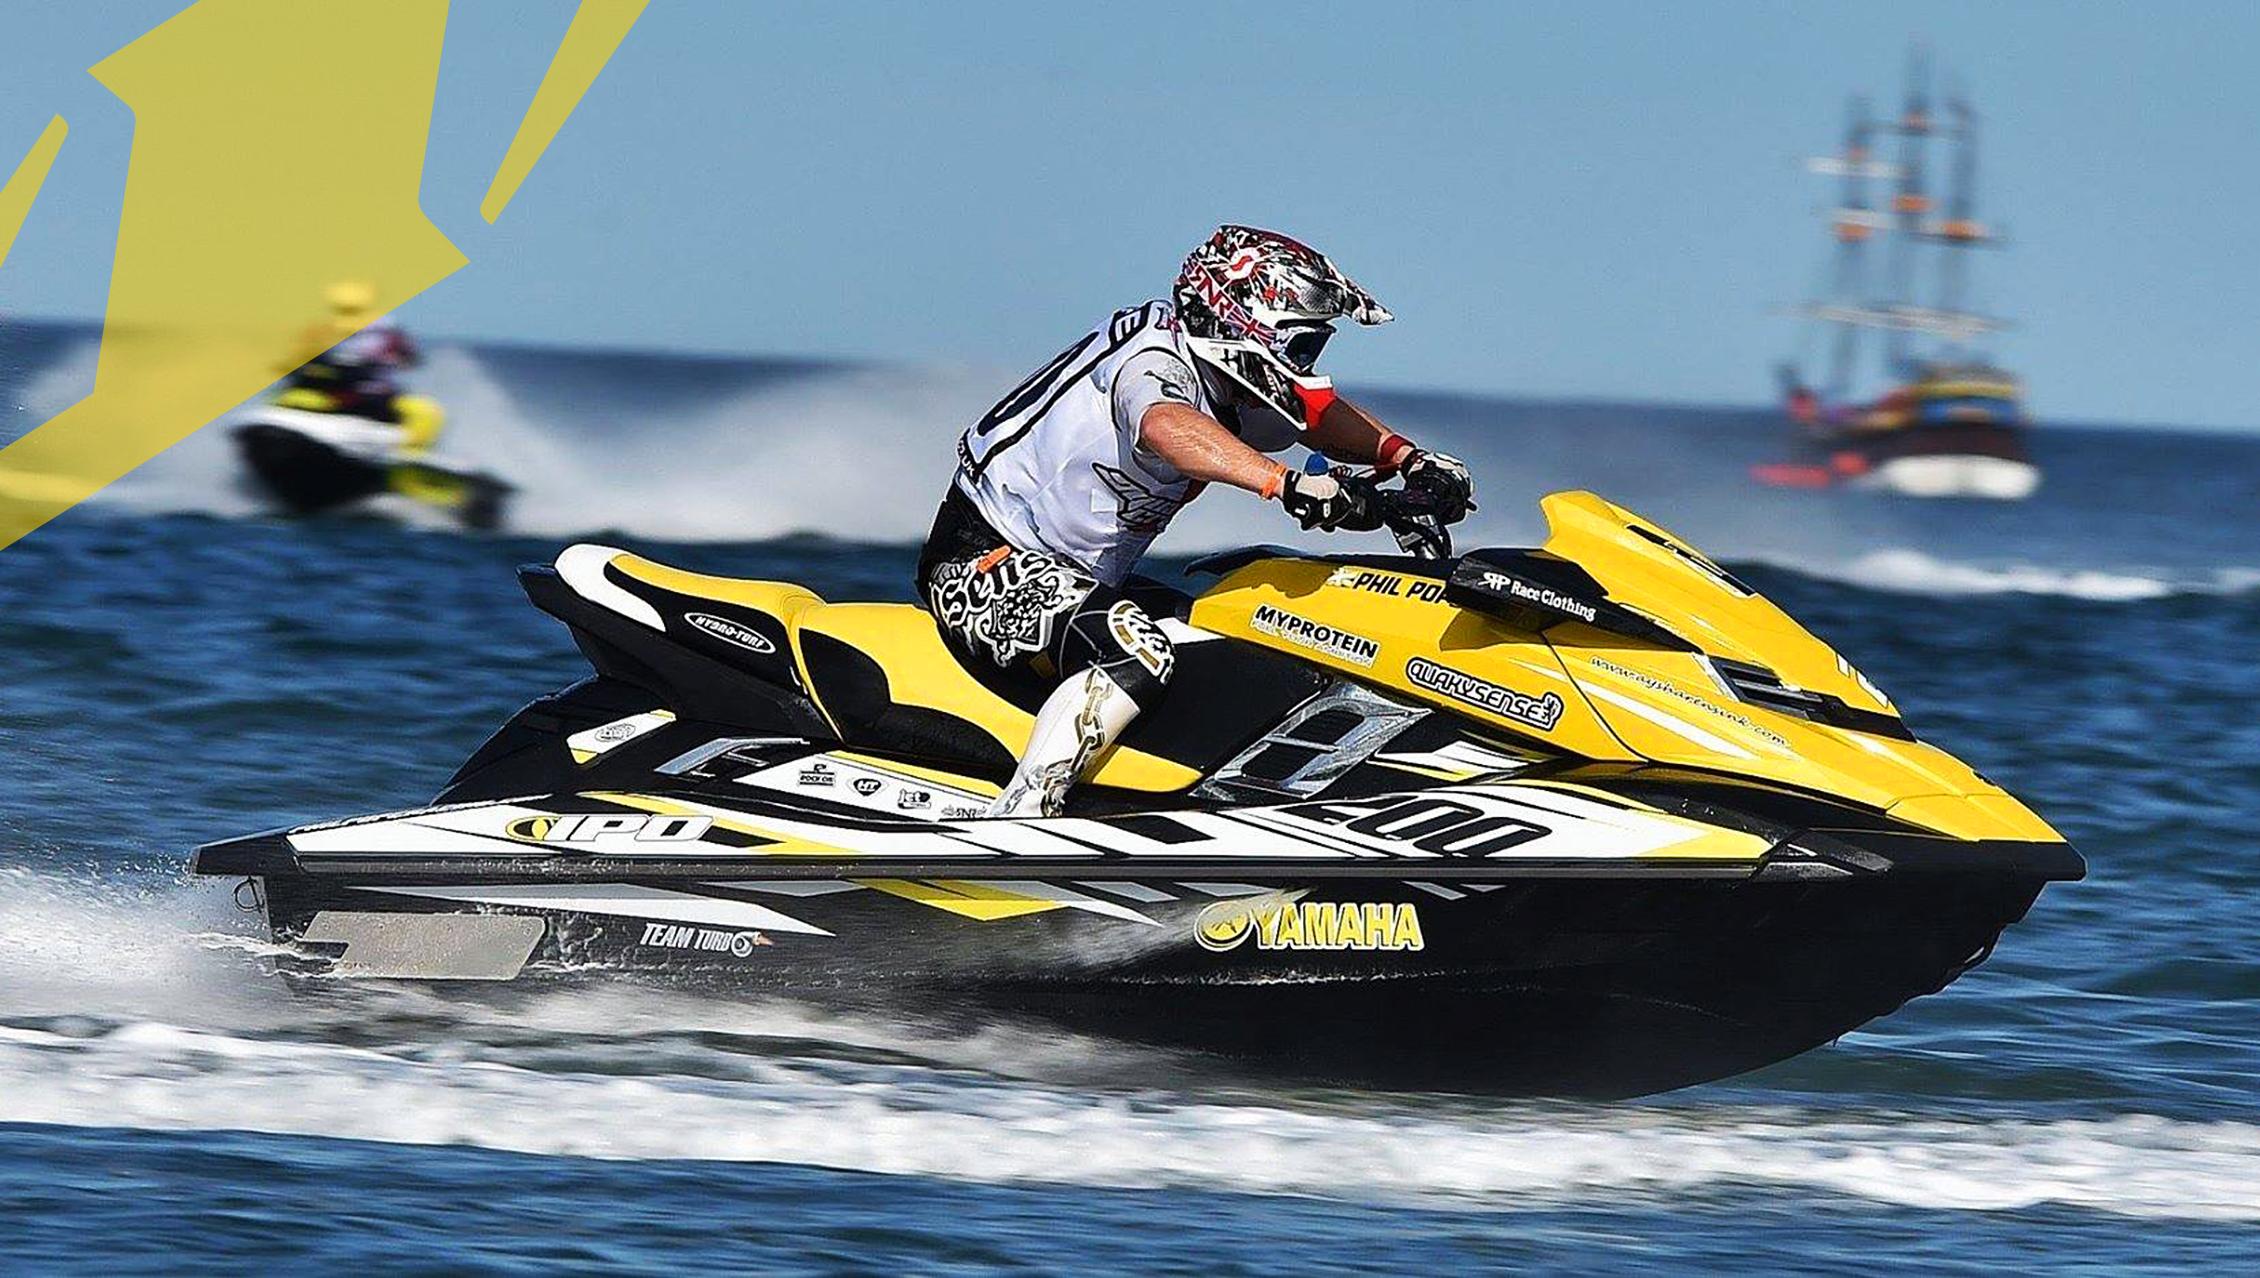 Ipd jet ski graphics for Yamaha jet skis